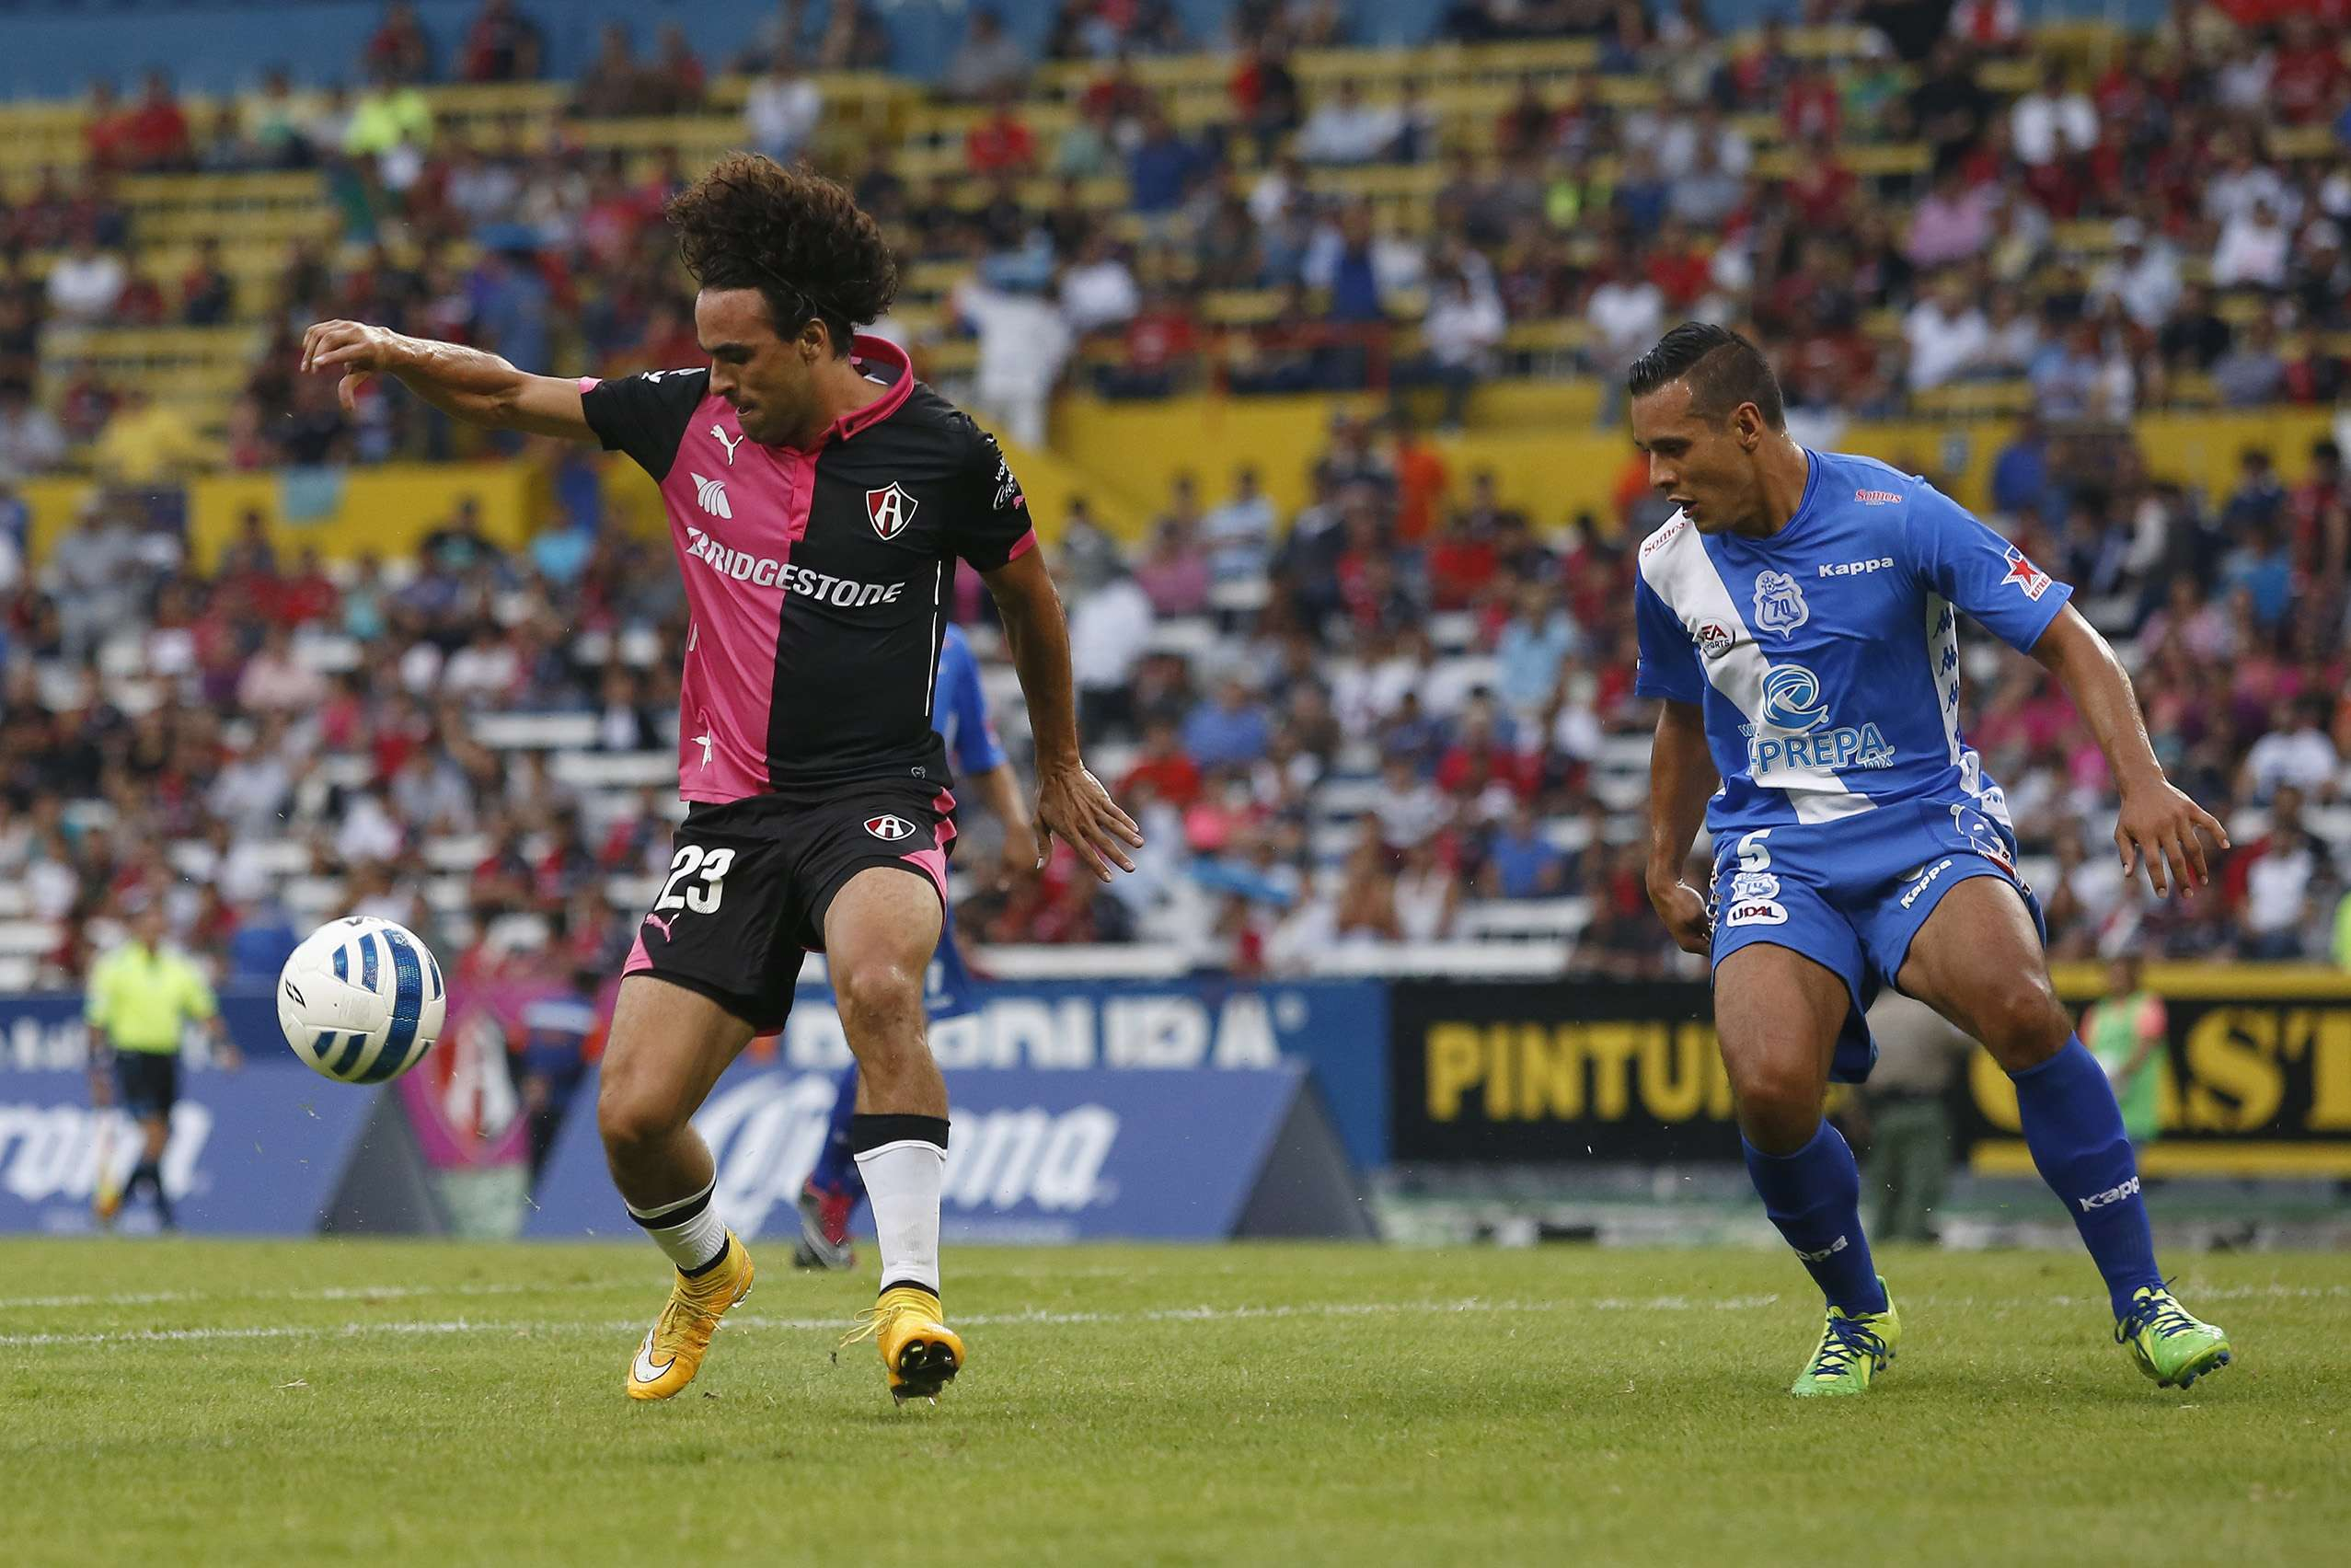 Puebla derrota 4-3 al Atlas en los cuartos de final de la Copa MX en la tanda de penaltis, donde el portero Frausto fue la figura al marcar el gol de la victoria y detener el último disparo de Atlas. Foto: Imago7